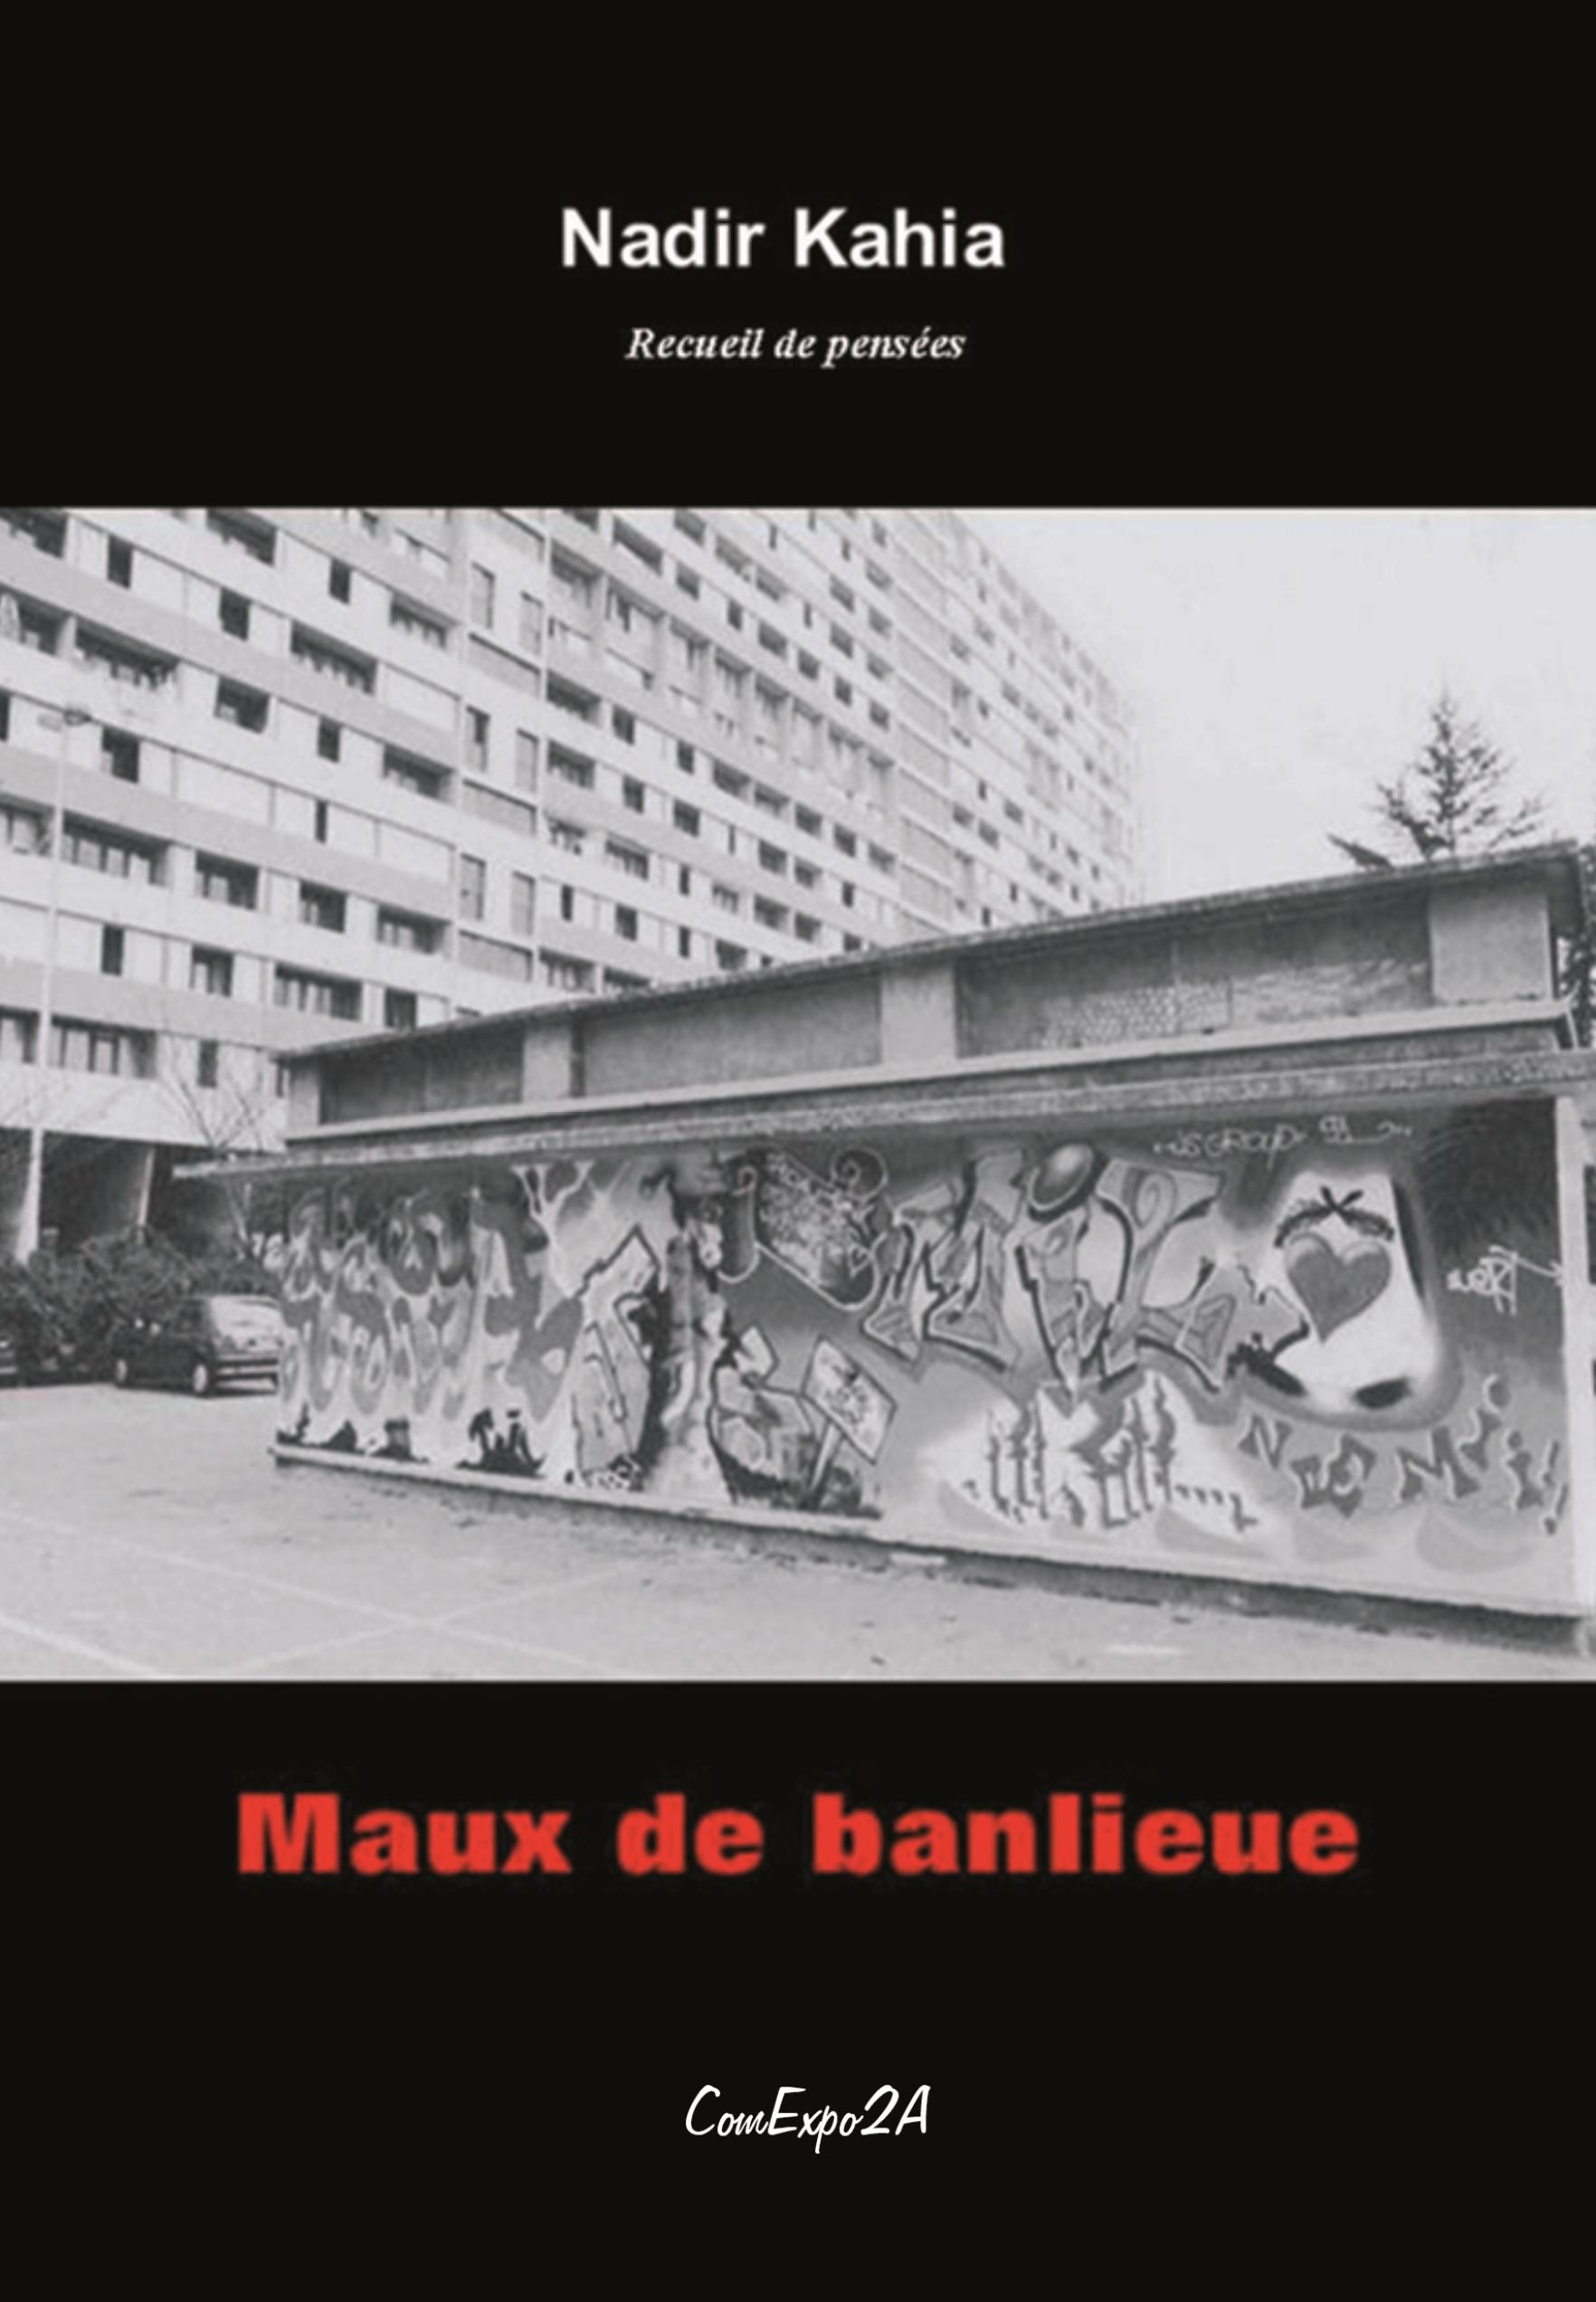 Maux-de-banlieue